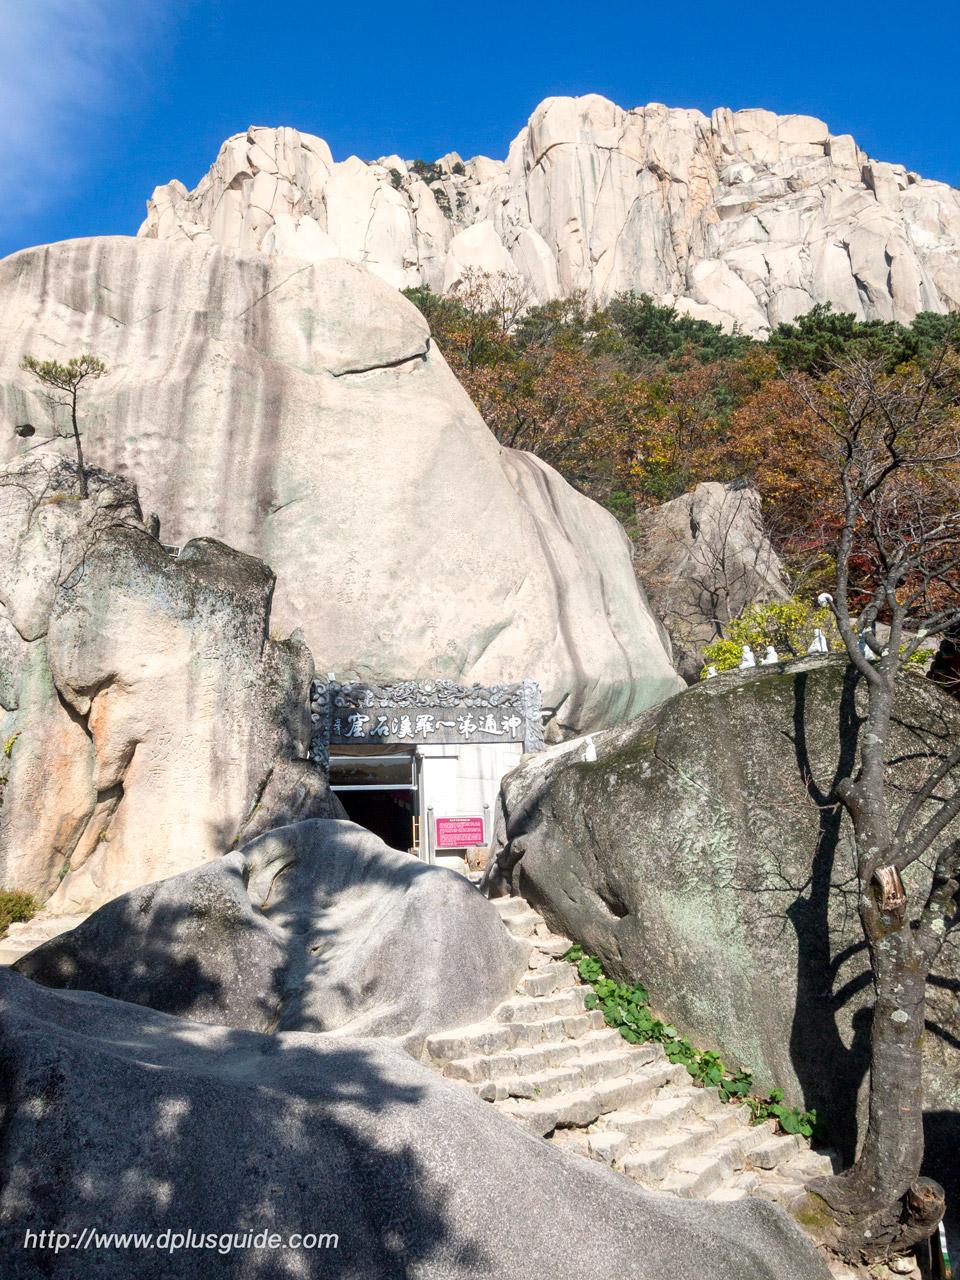 ปีนเขาซอรัคซาน ถ้ำ Kyejoam Seokgul ตามรอยซีรีย์เกาหลี